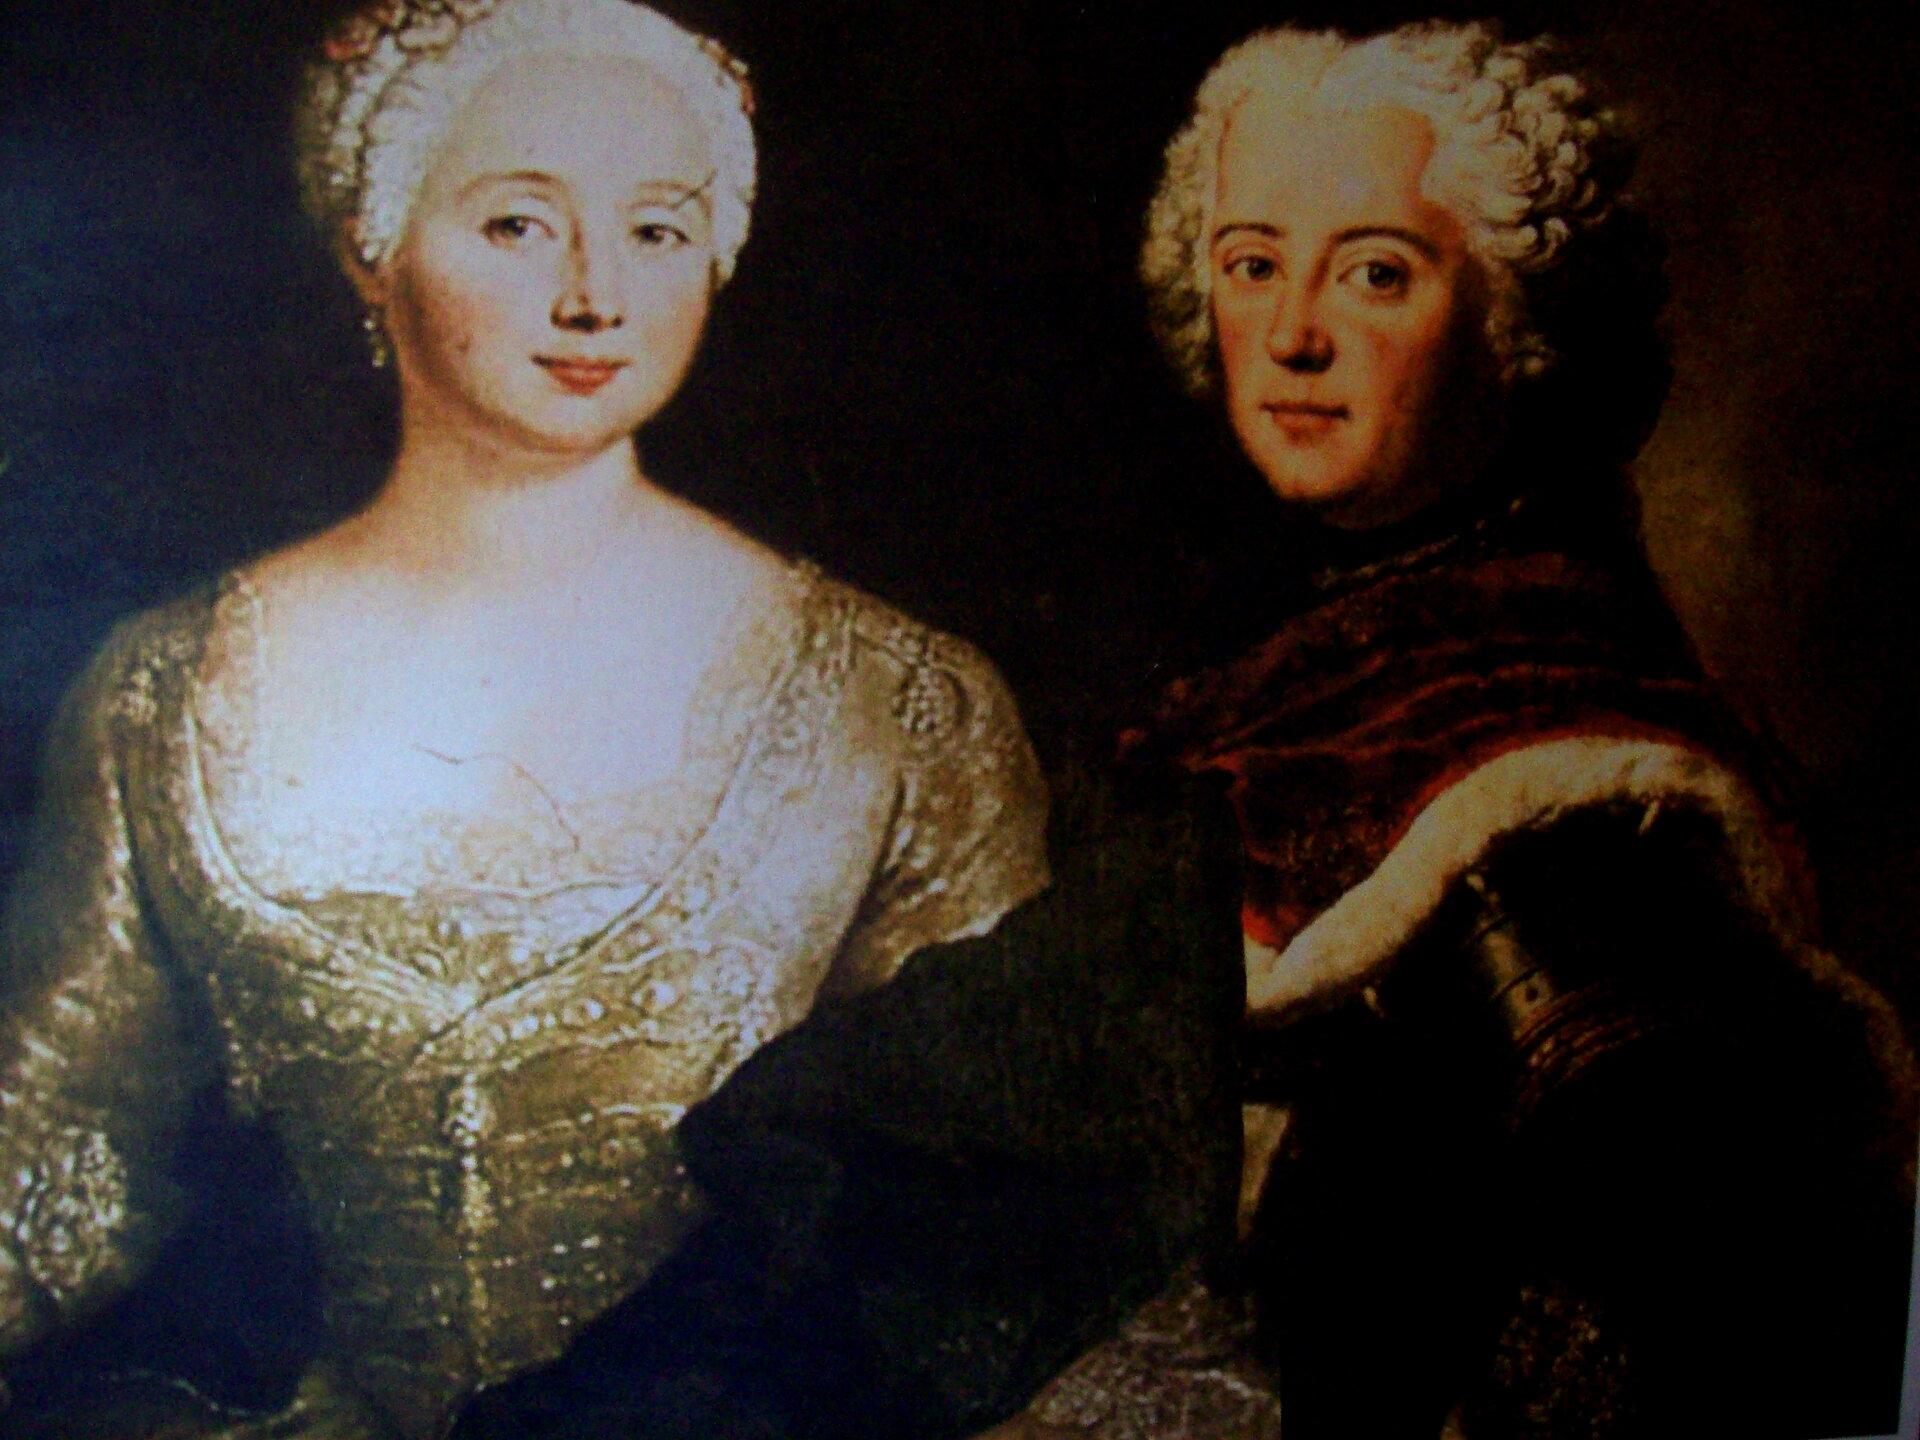 Kronprinz Friedrich und Eleonore von Wreech